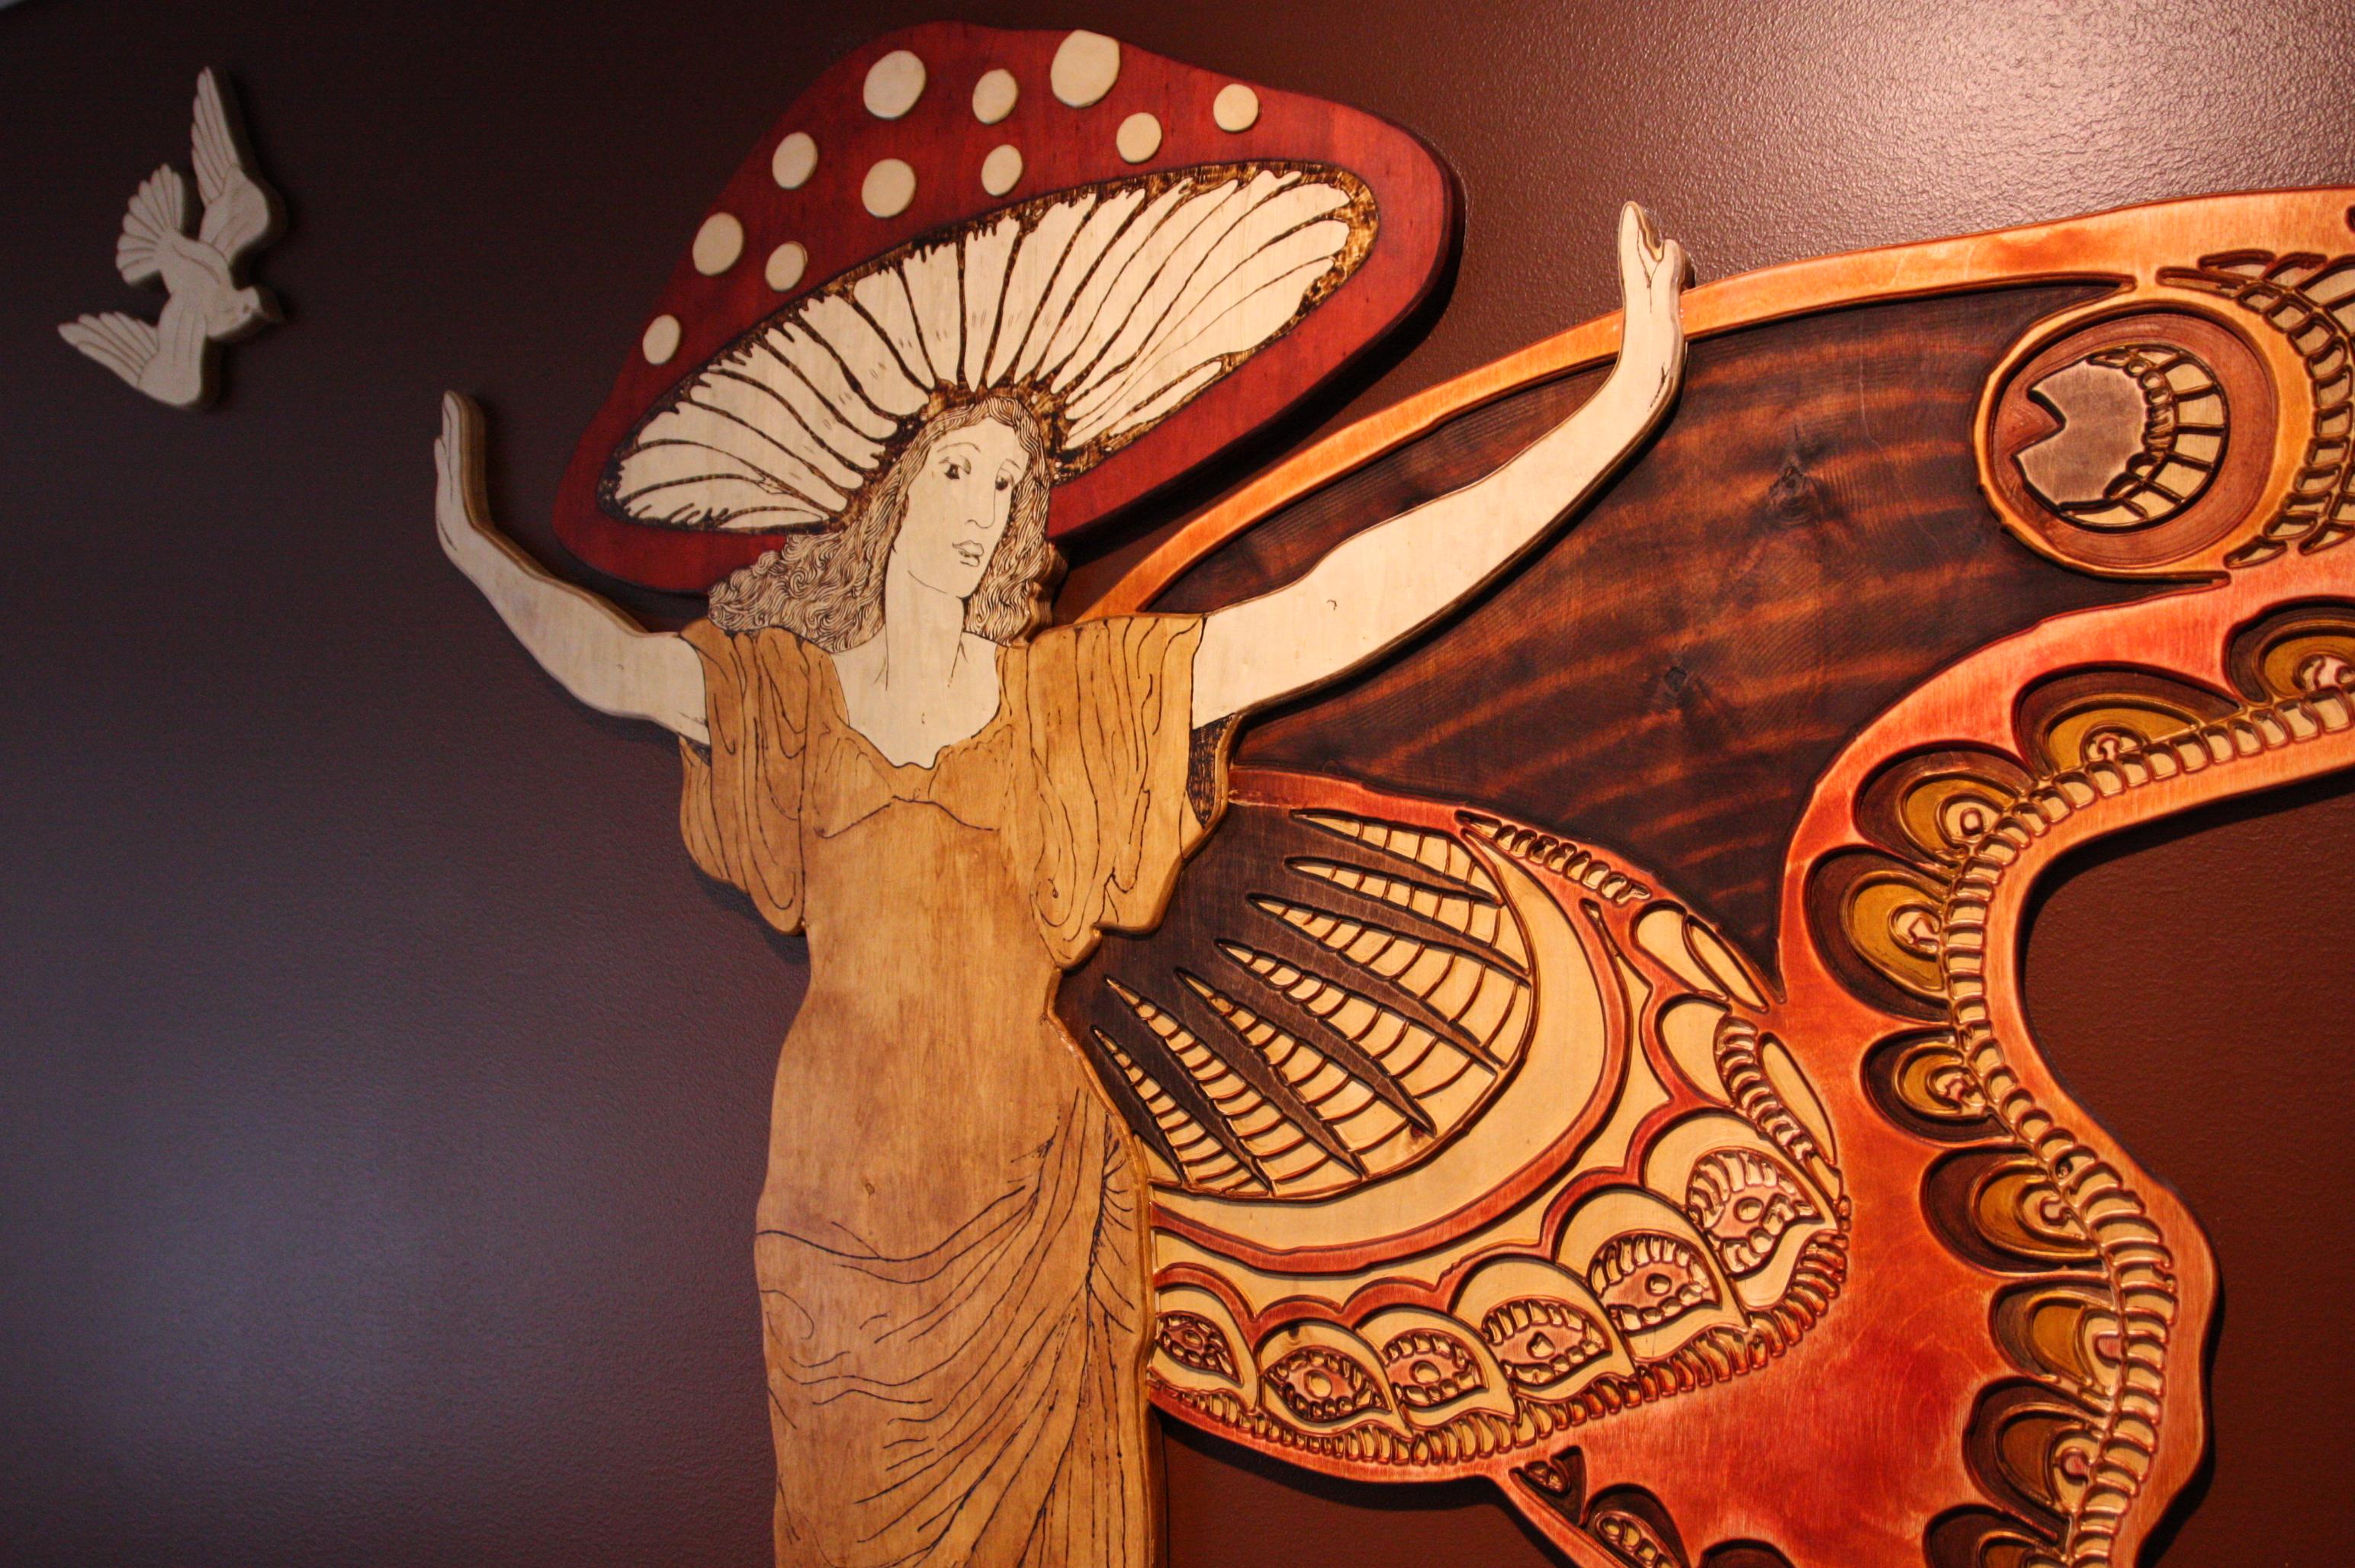 Butterflylady